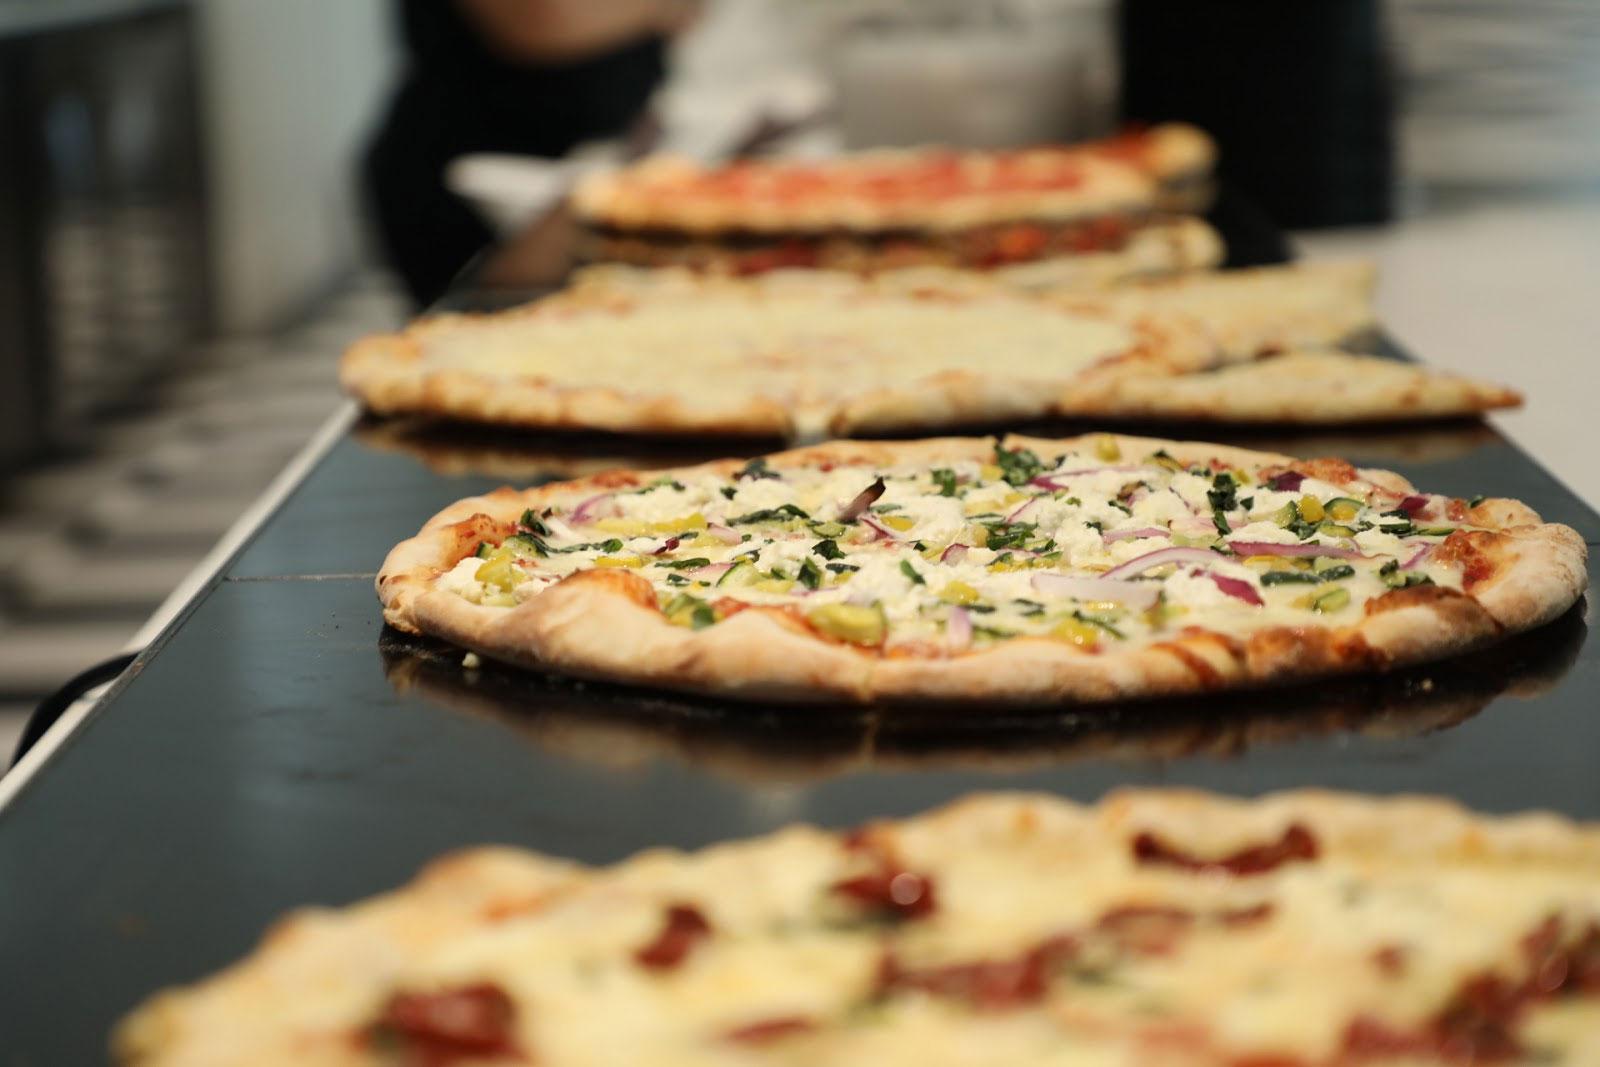 Viola & Dot's pizzas